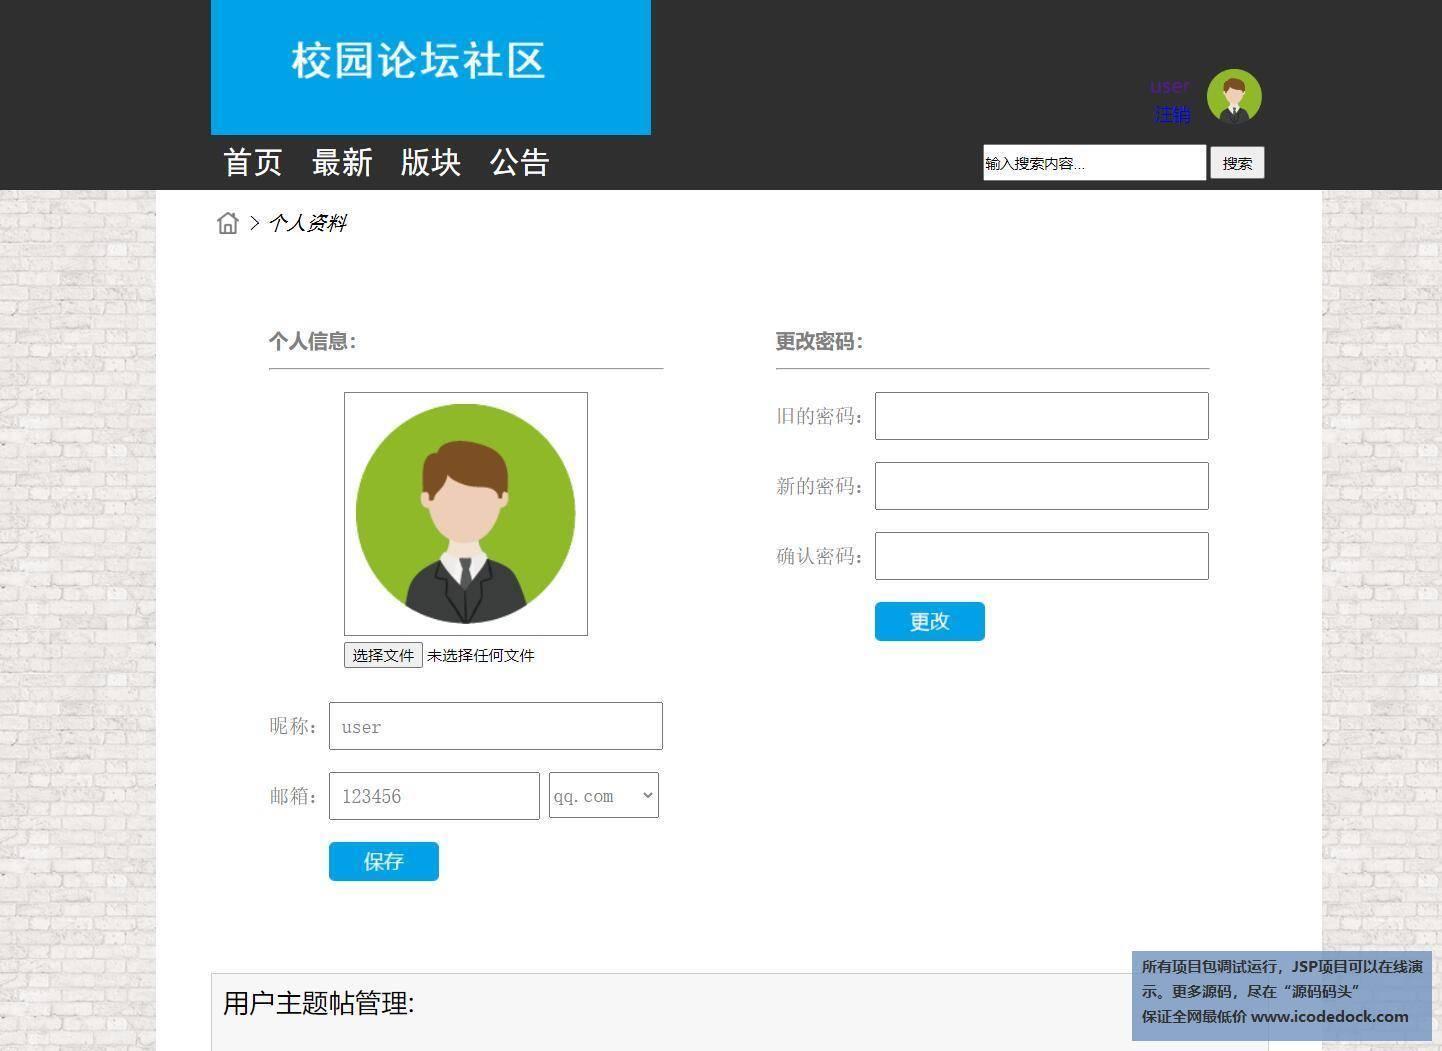 源码码头-JSP校园论坛管理系统-用户角色-个人资料管理